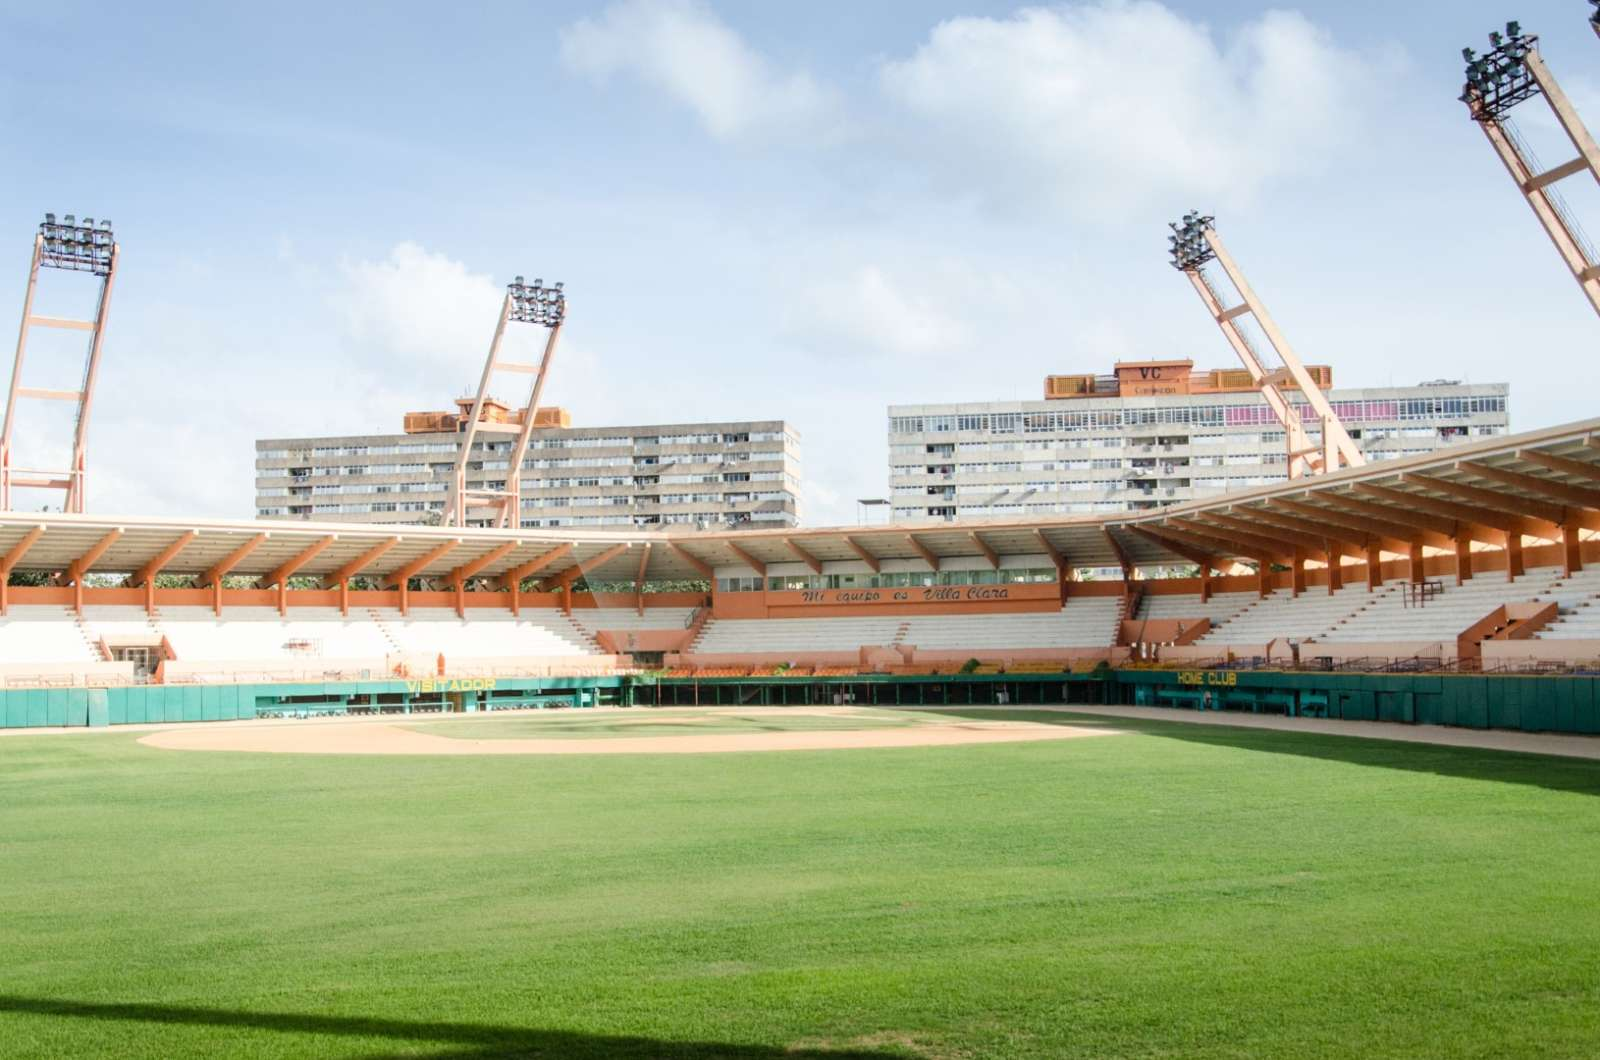 Baseball stadium in Santa Clara, Cuba